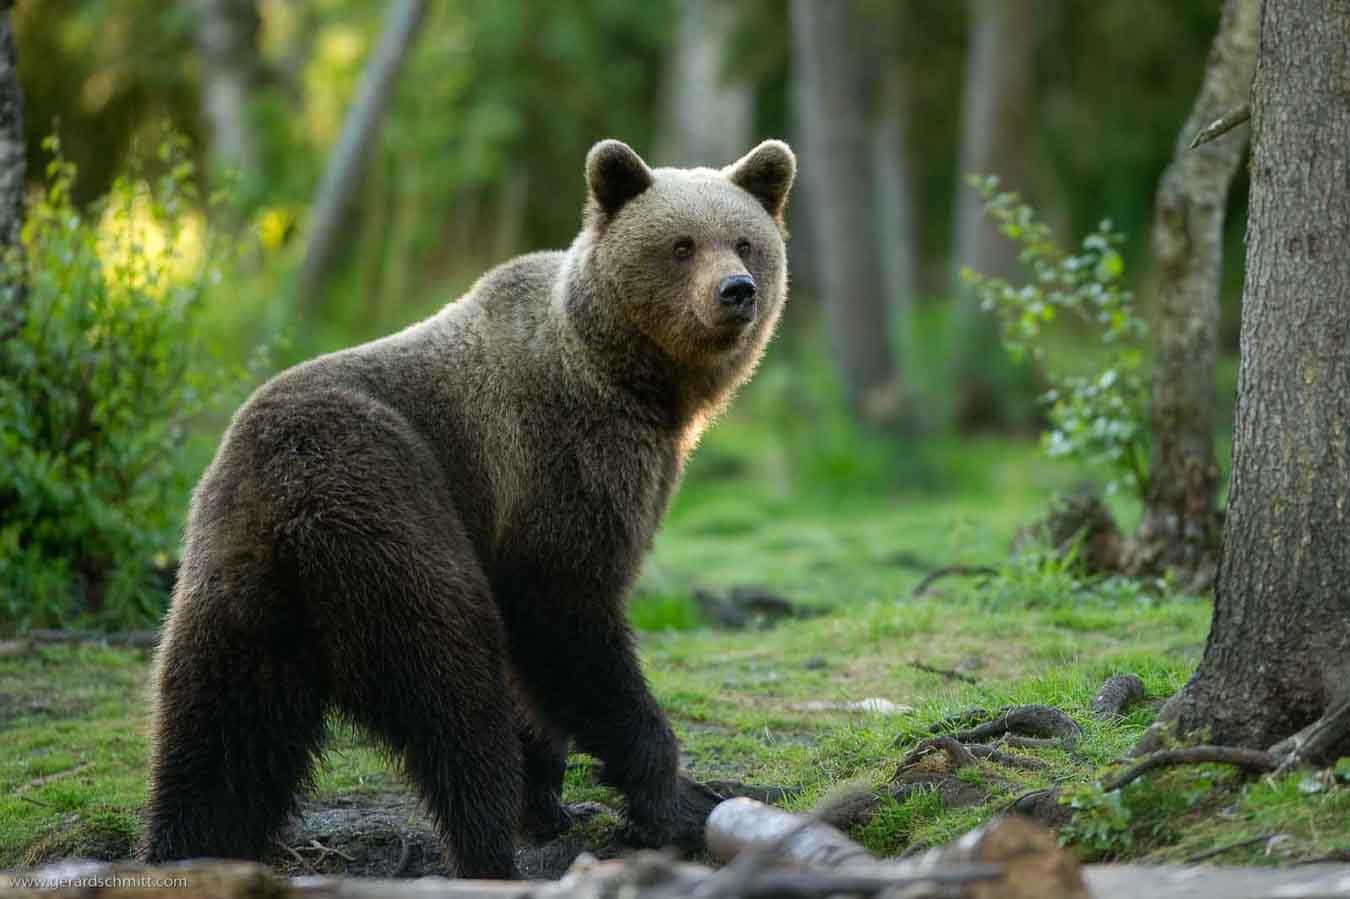 birmanie l ours la langue de trois kilos a t op r avec succ s minutenews. Black Bedroom Furniture Sets. Home Design Ideas